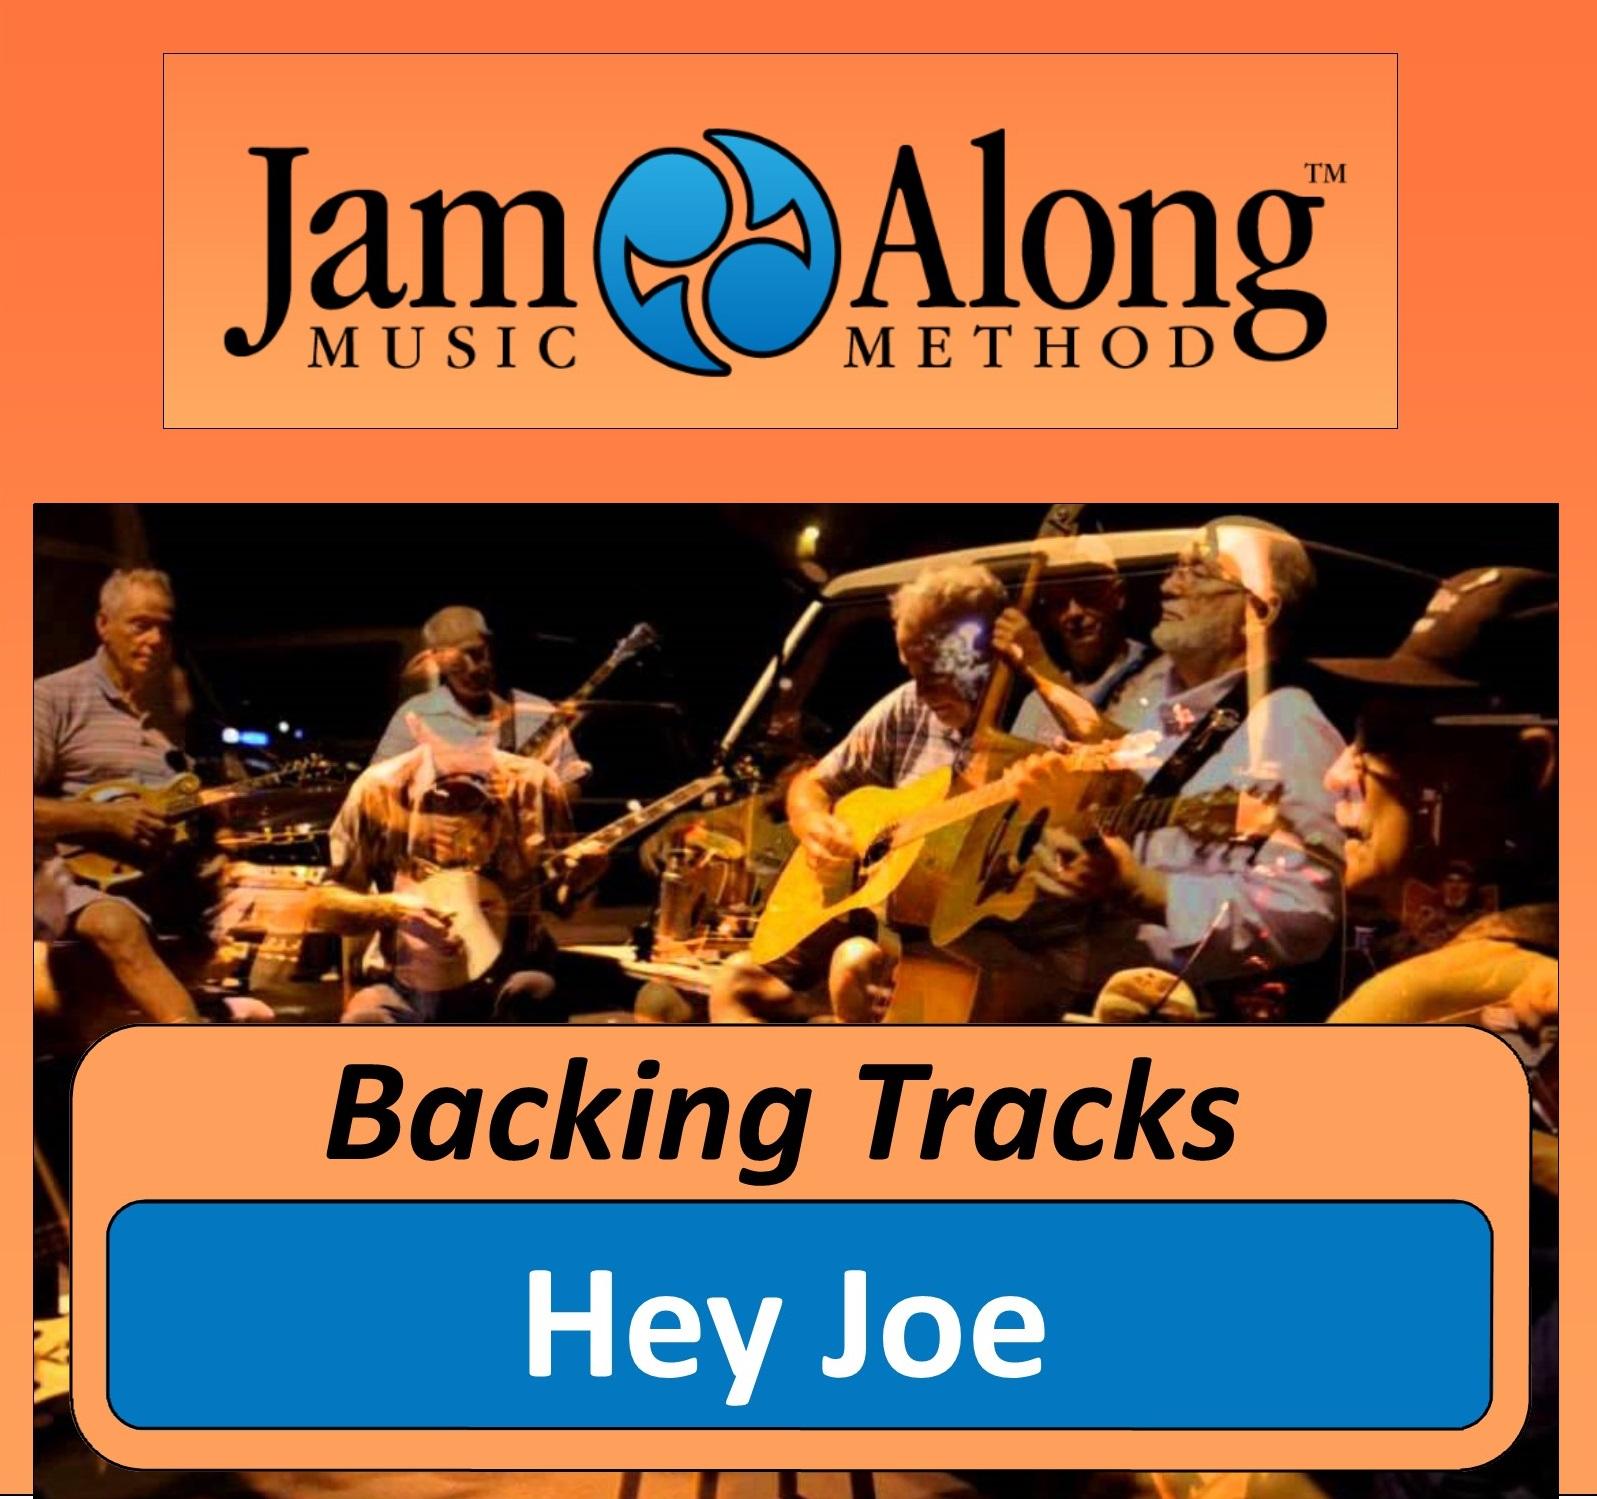 Hey Joe - Backing Tracks